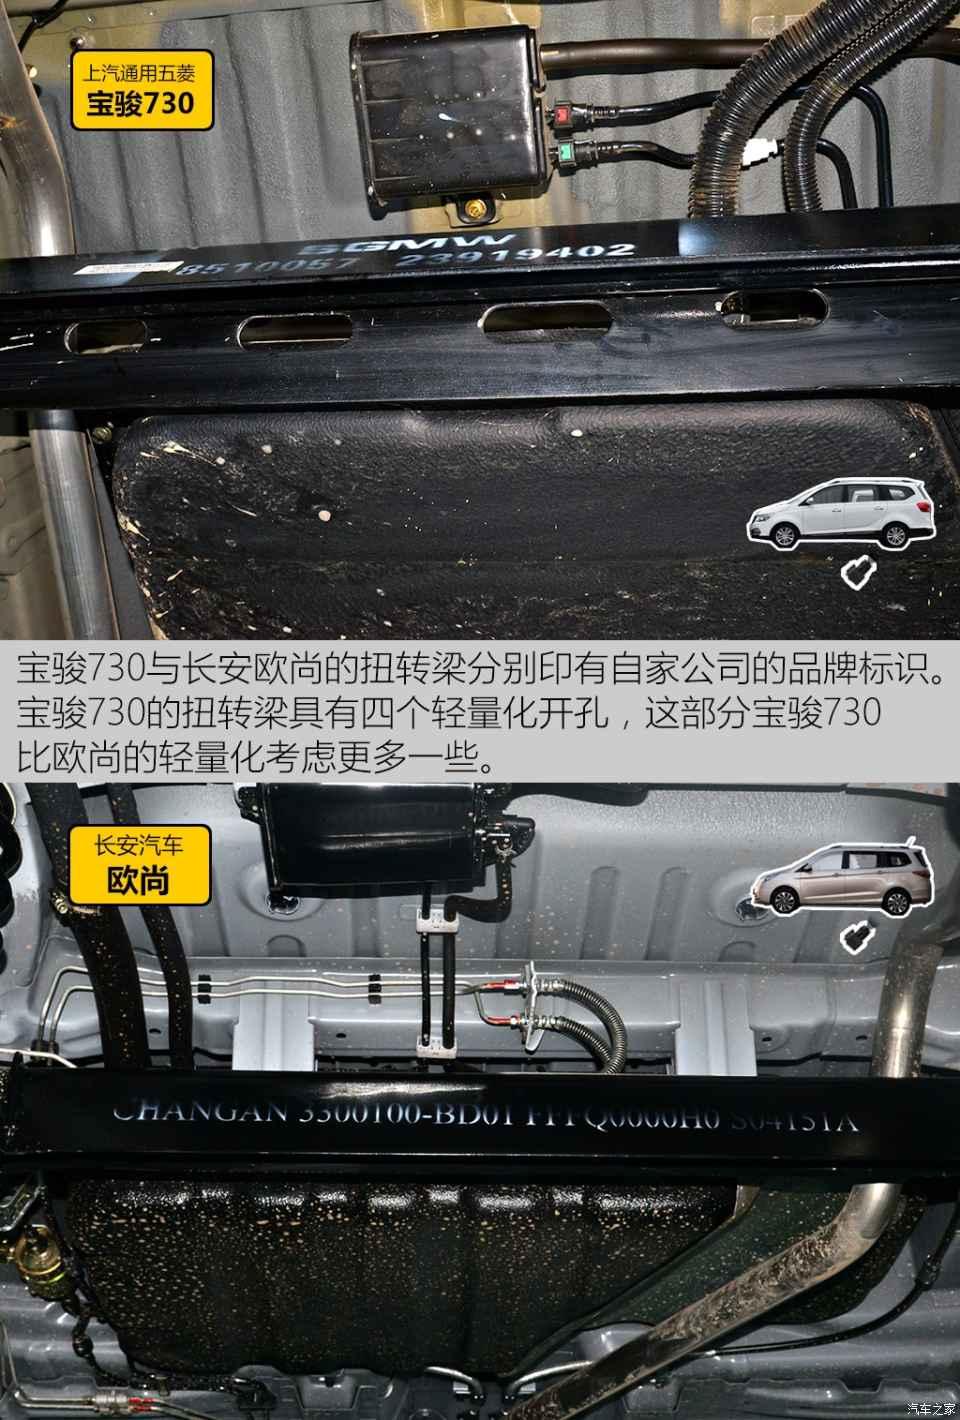 热销mpv底盘对比 宝骏730 vs 长安欧尚图片